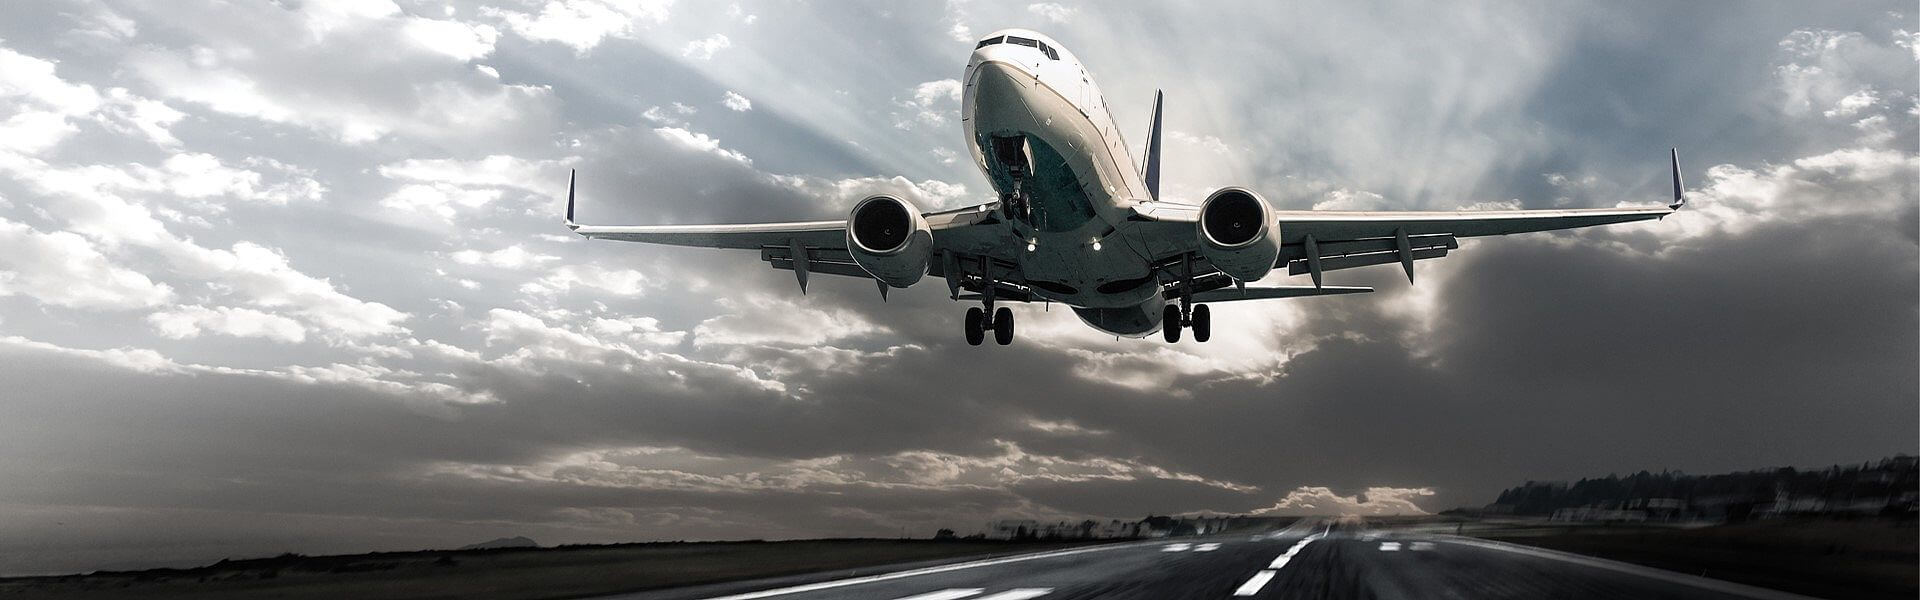 Weiterbildung in der Luftfahrt - Flugzeugwartung nach Landung